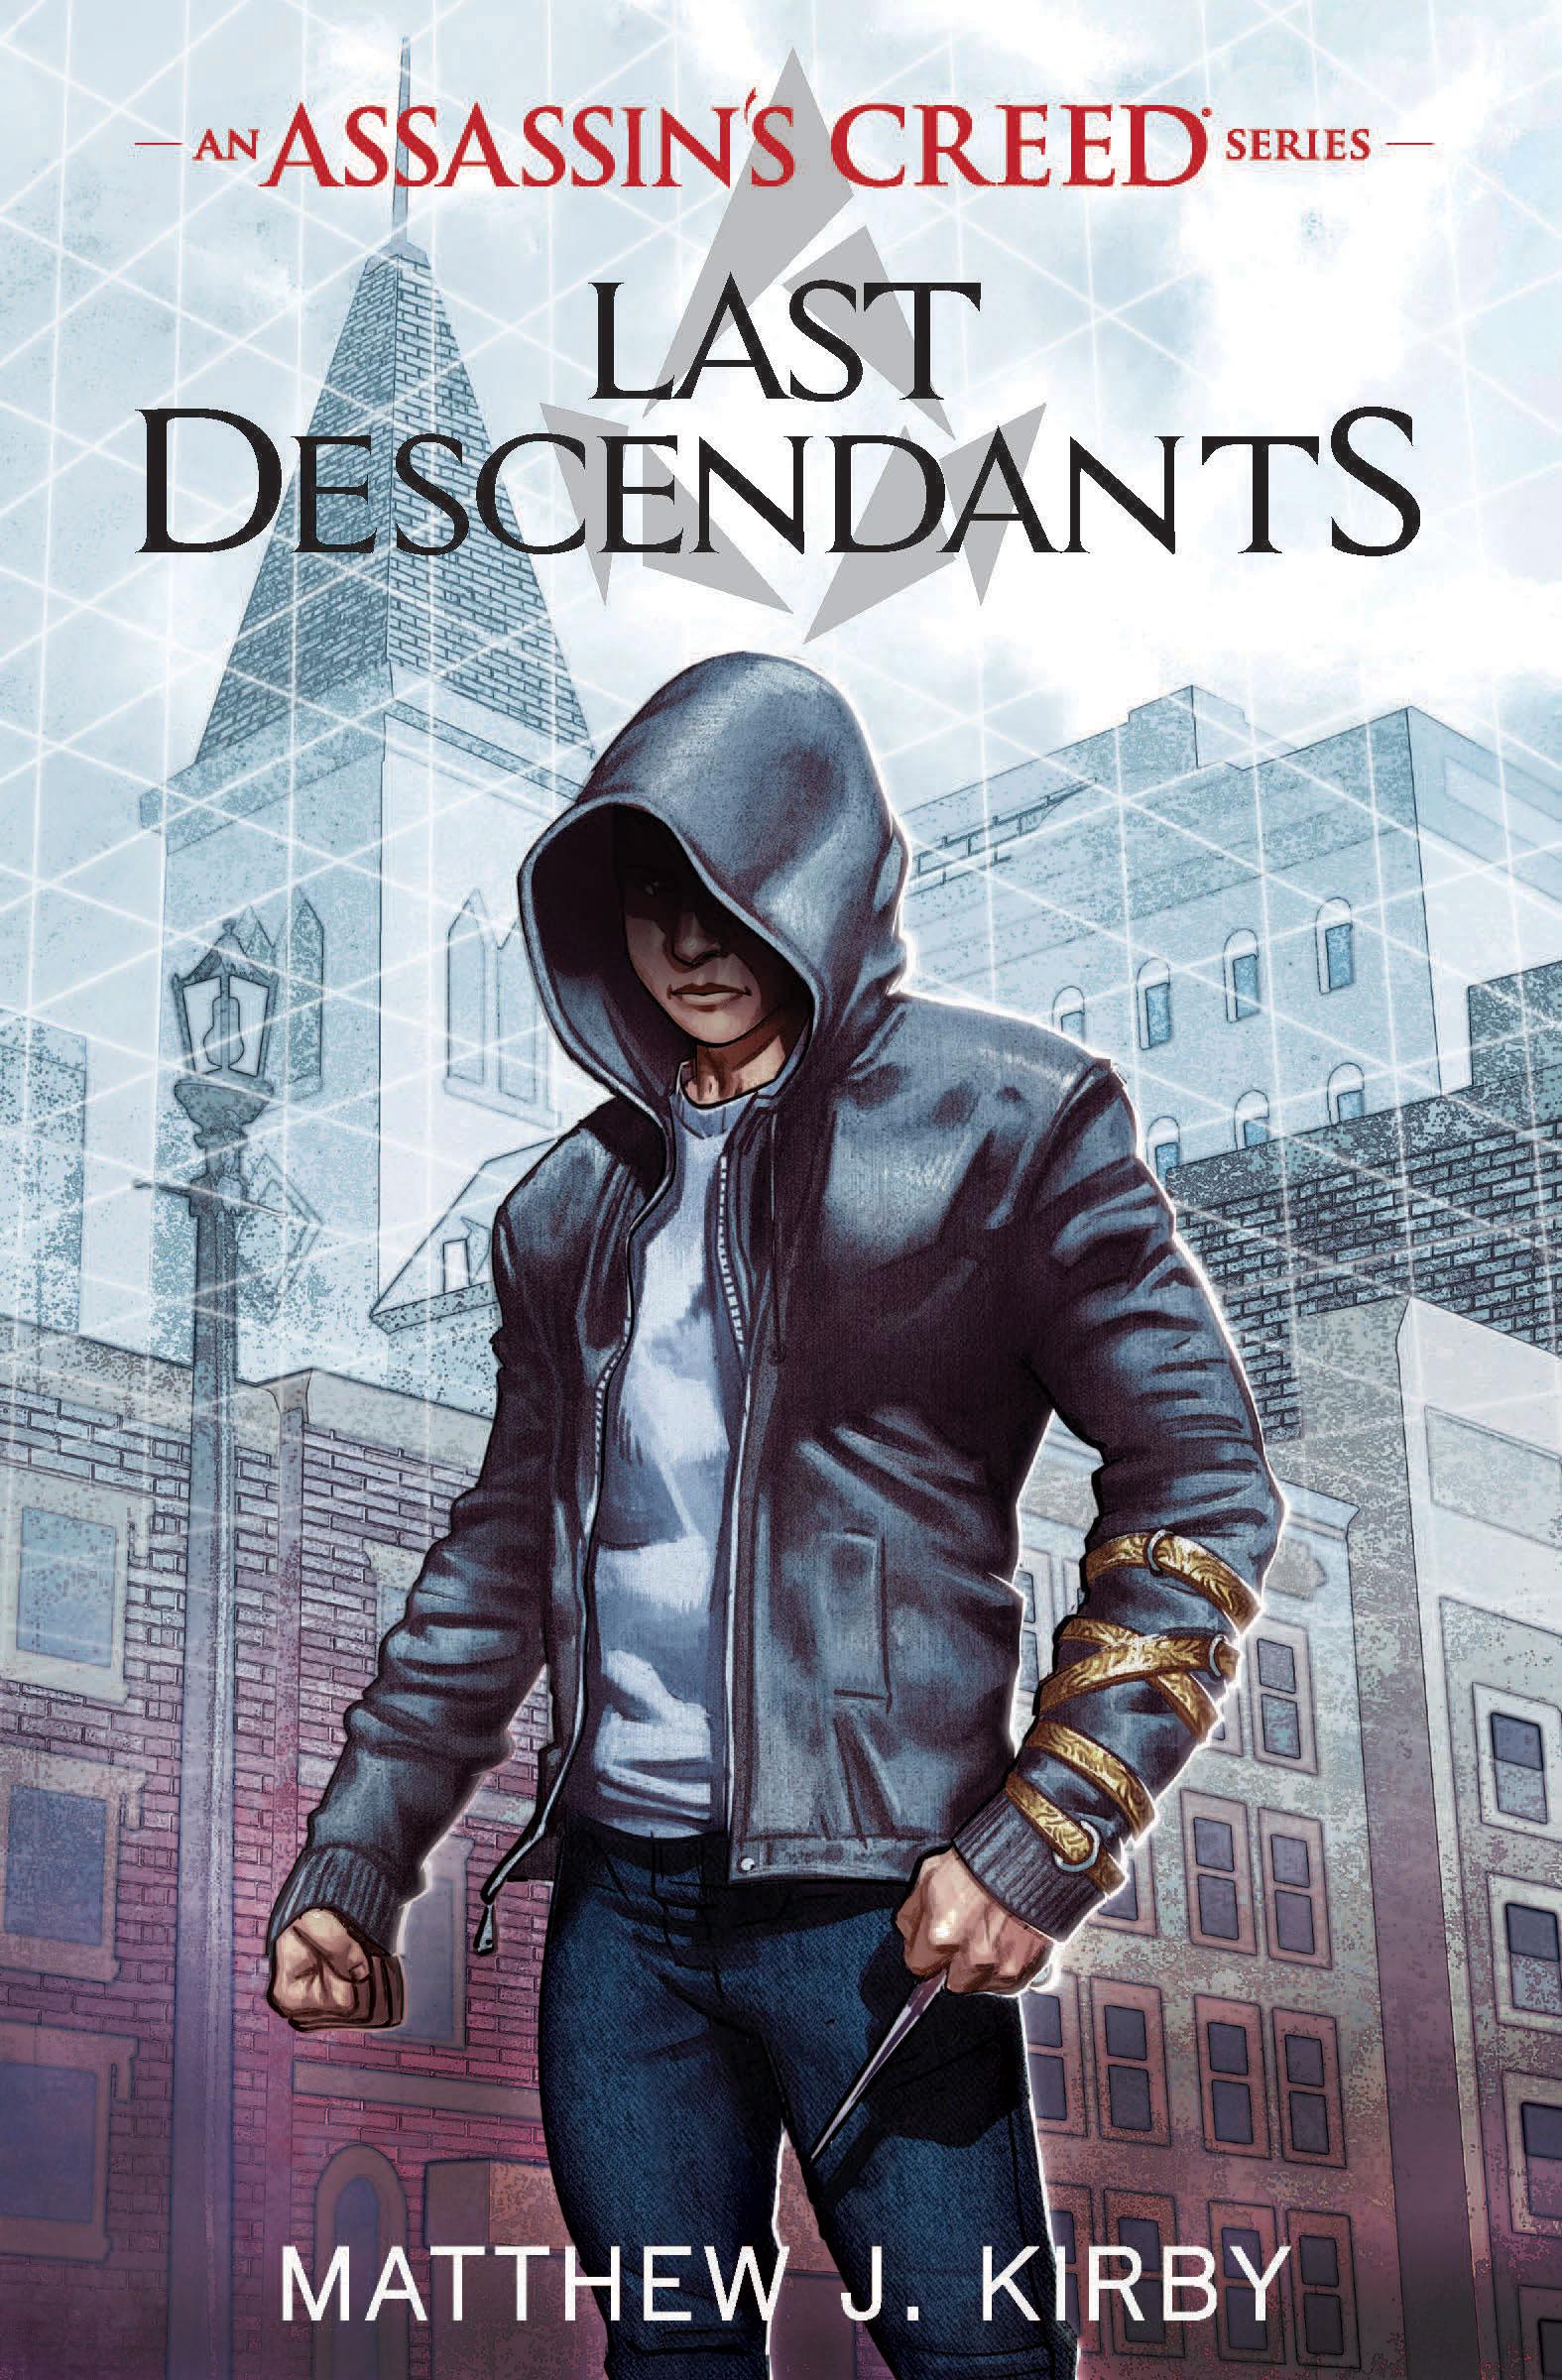 Скачать все книги assassins creed